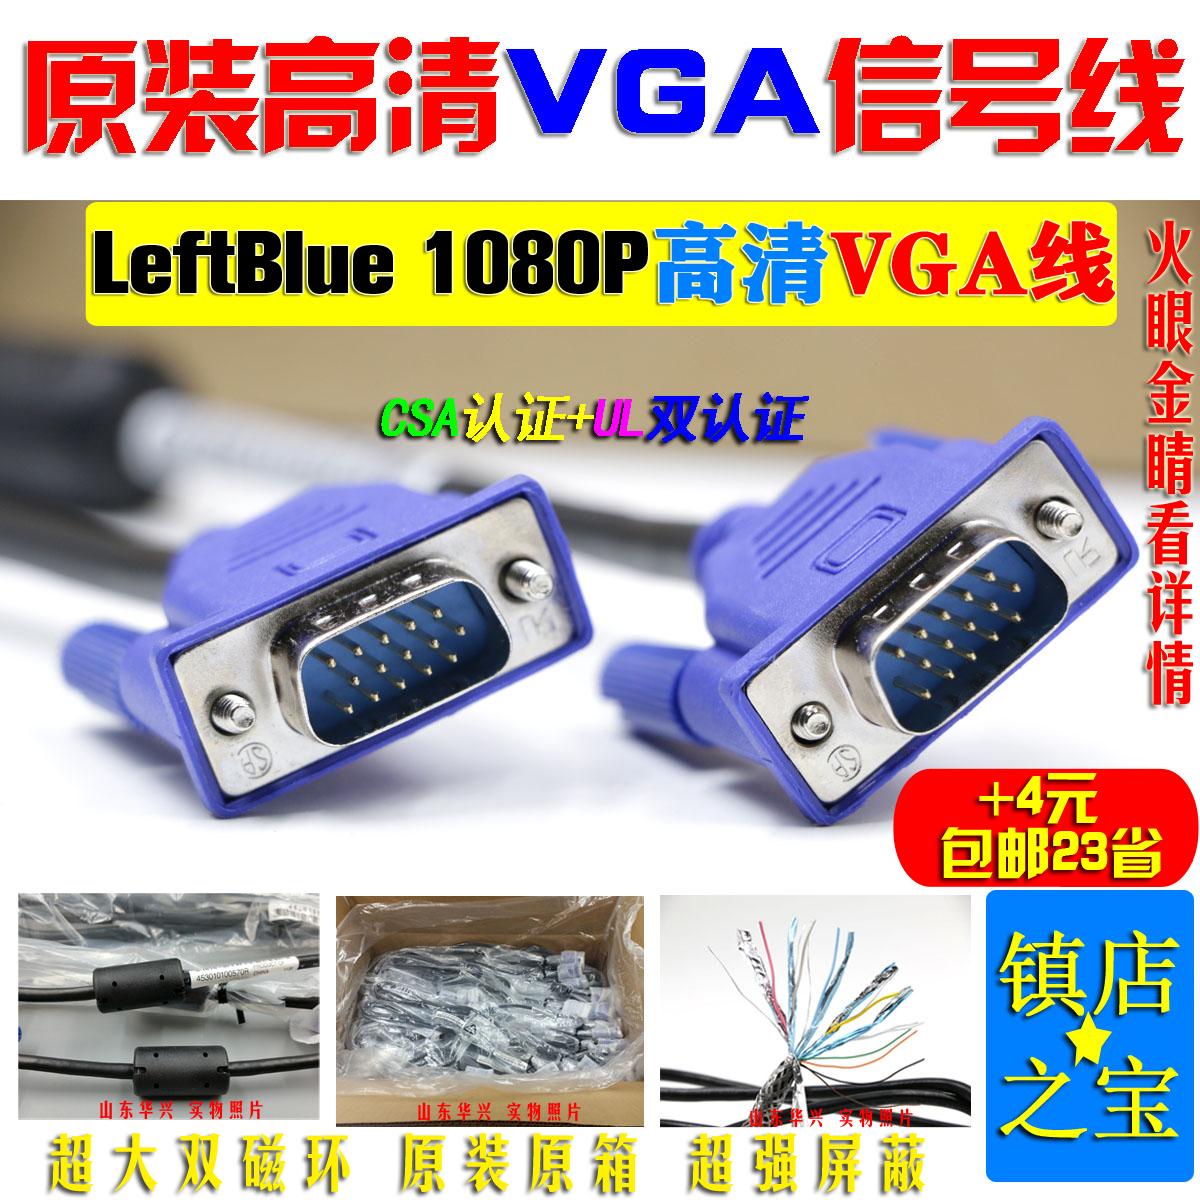 原装VGA线 品牌机显示器电脑连接VGA线 双公VGA连接RGB数据信号线